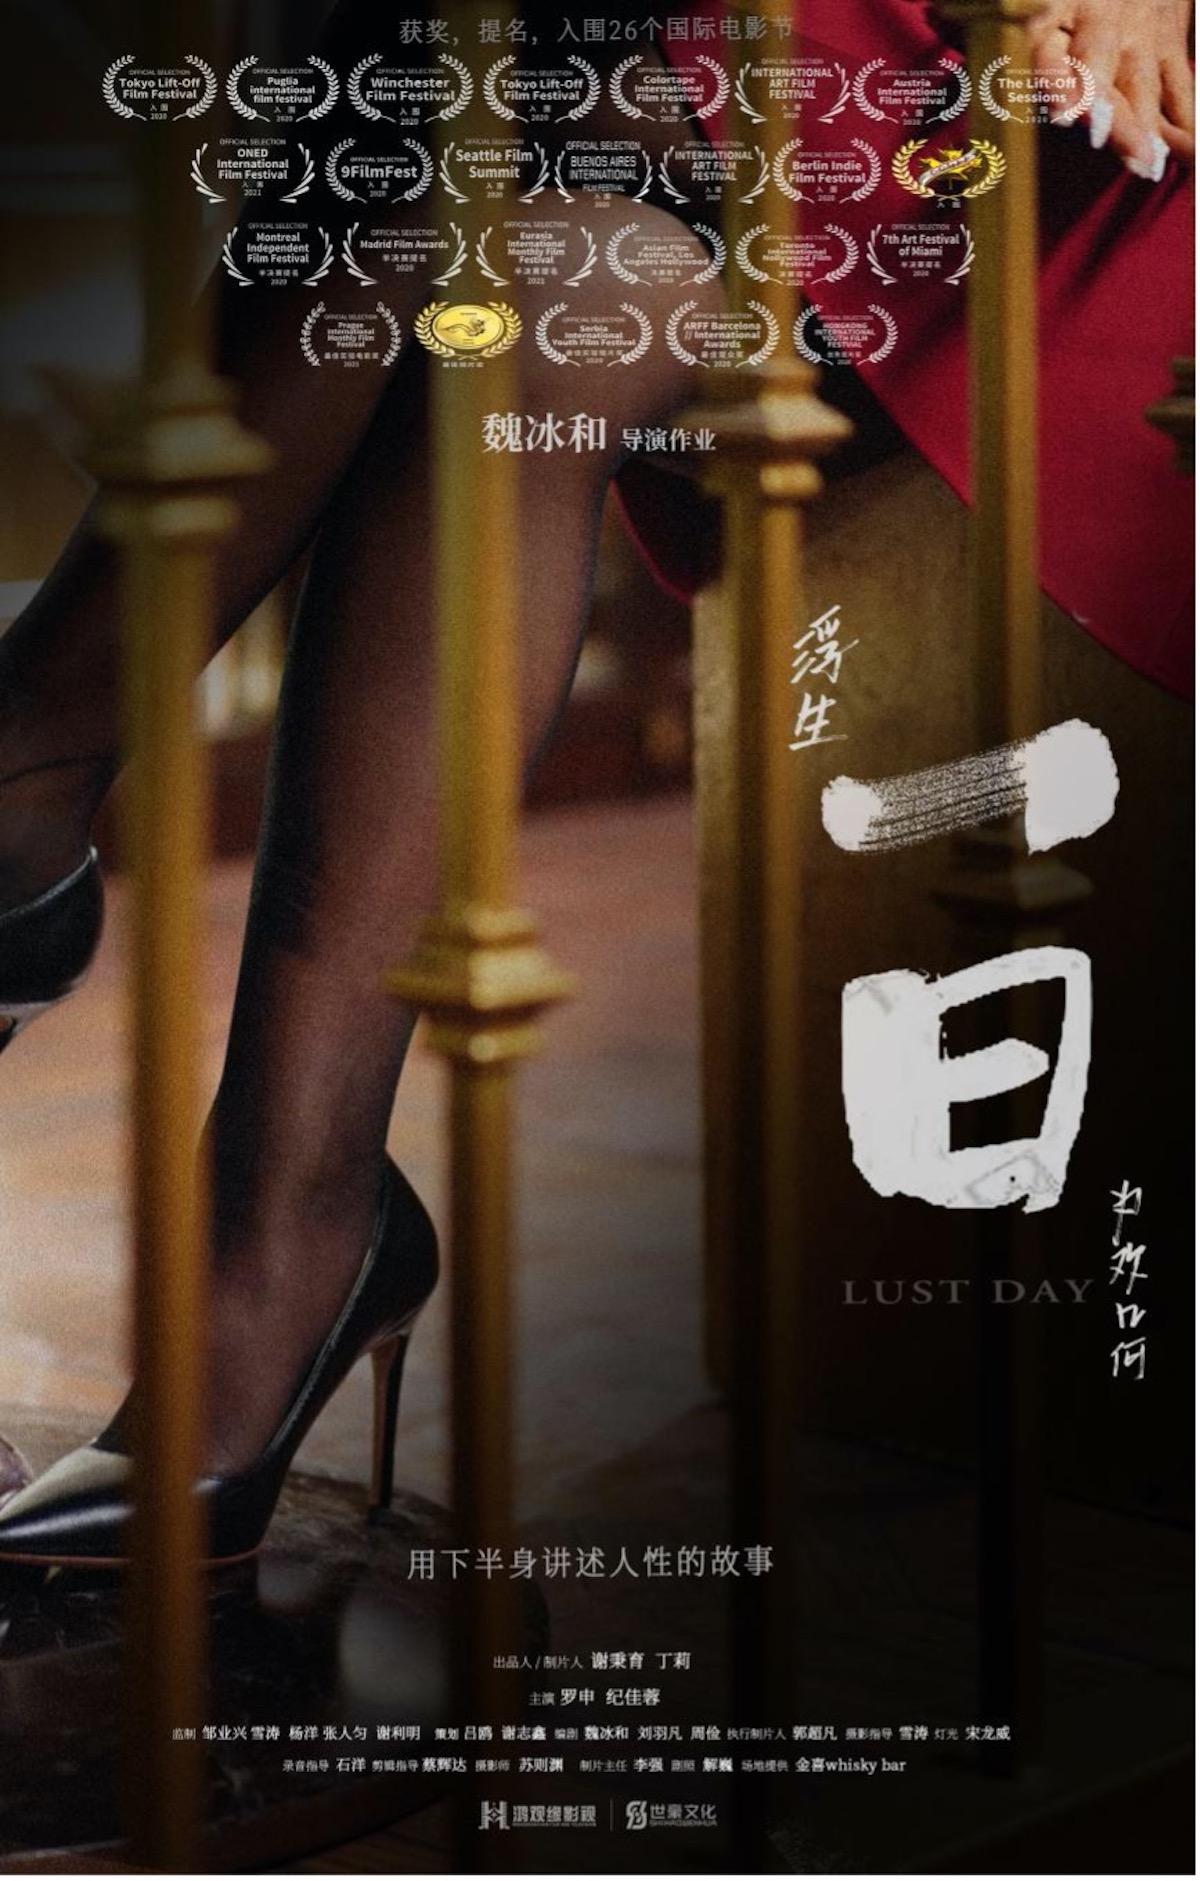 魏冰和短片《一日》获26个国际电影节青睐